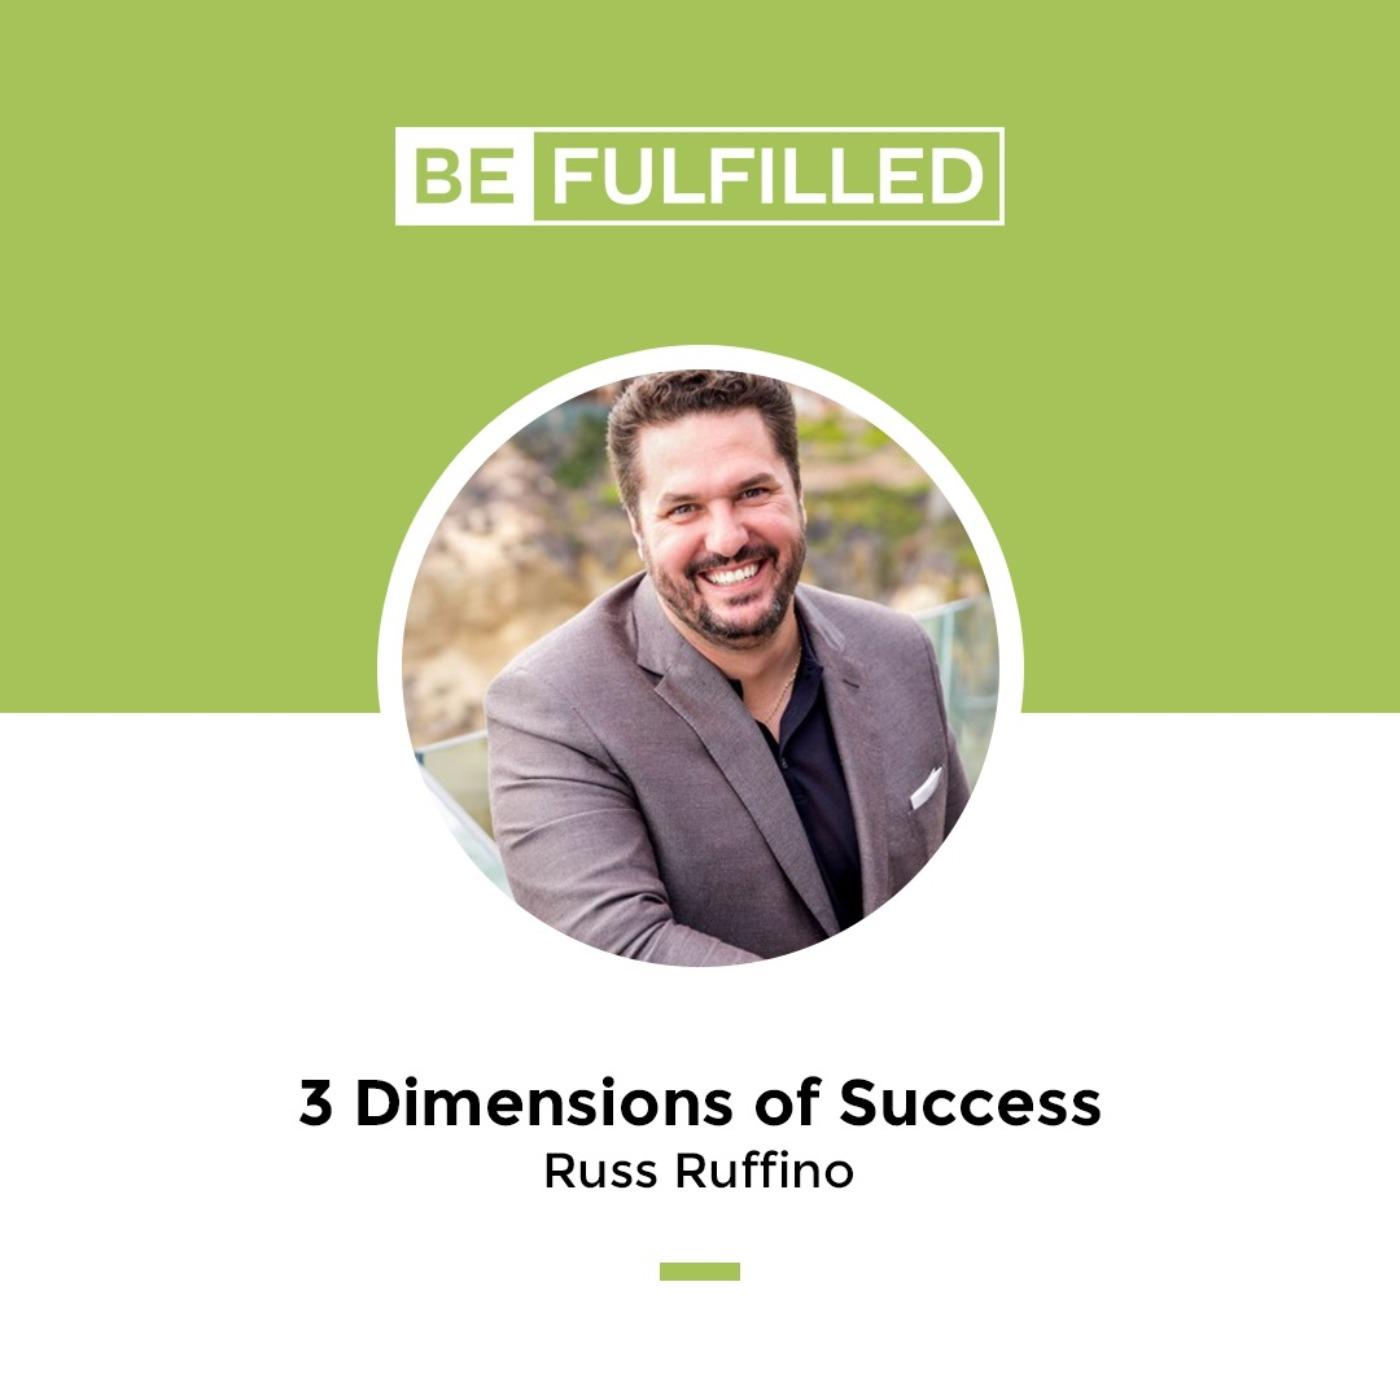 3 Dimensions of Success - Russ Ruffino